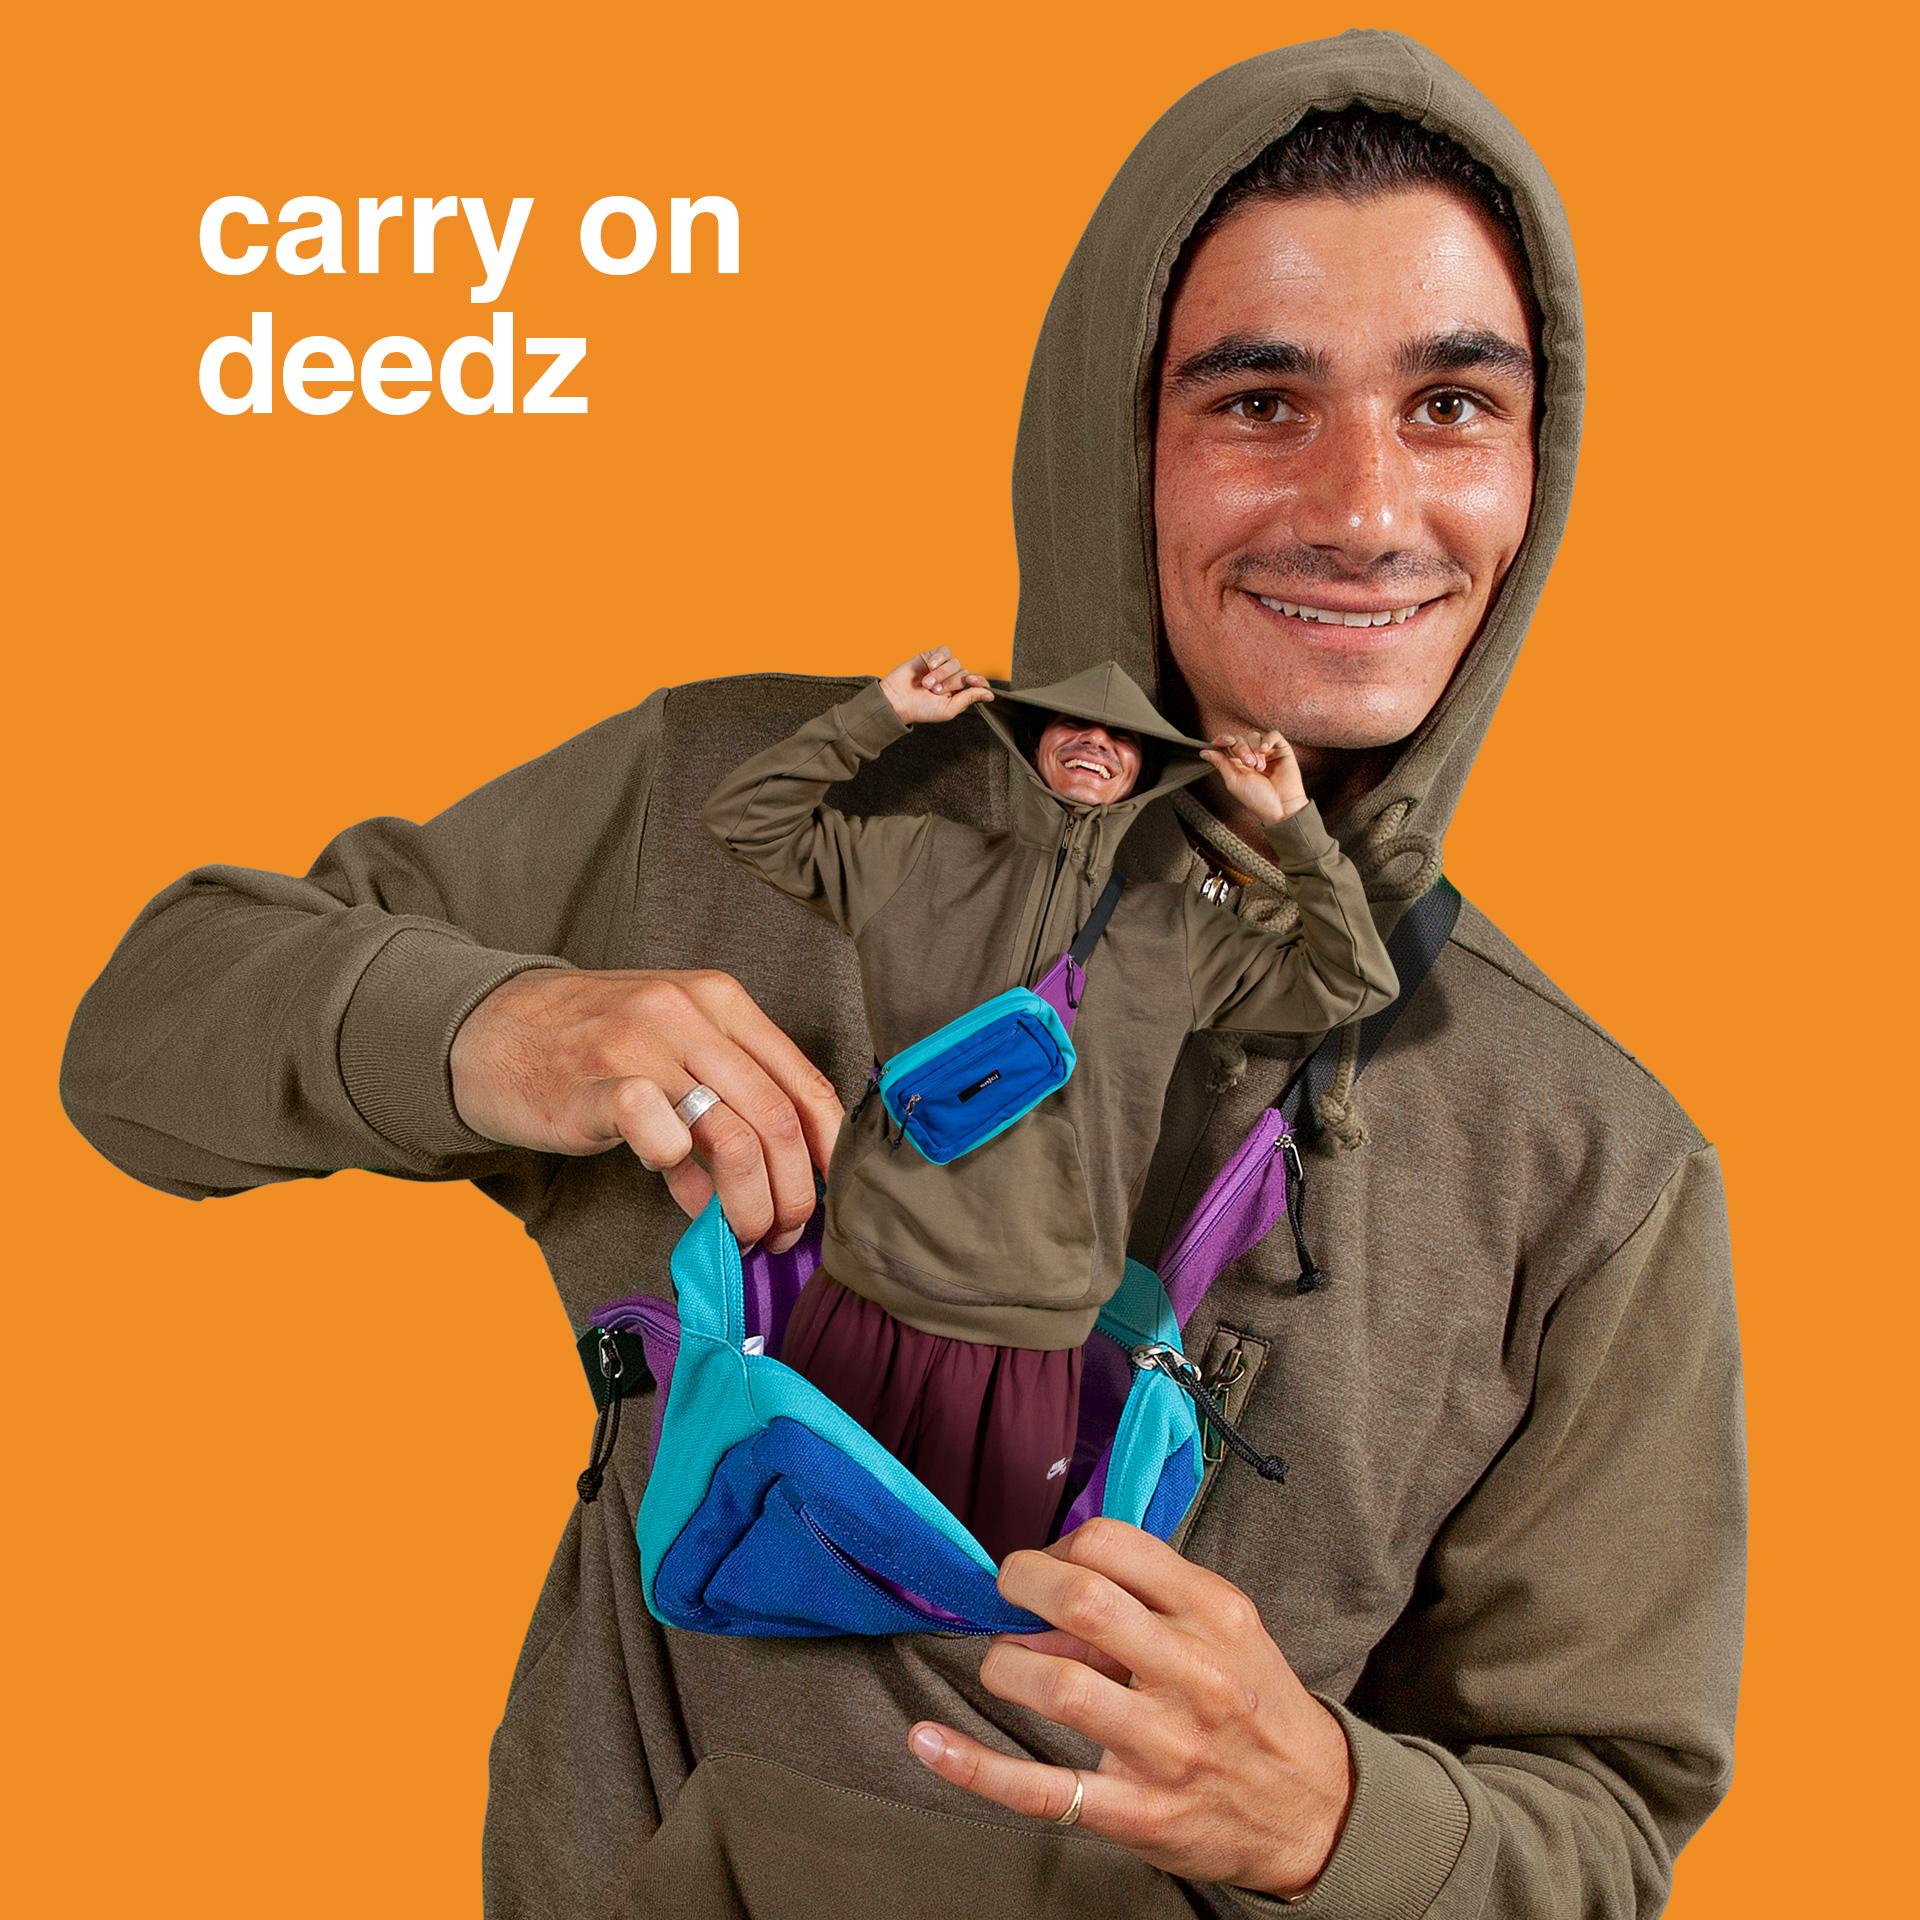 DEEDZ_BAGS_01.jpg